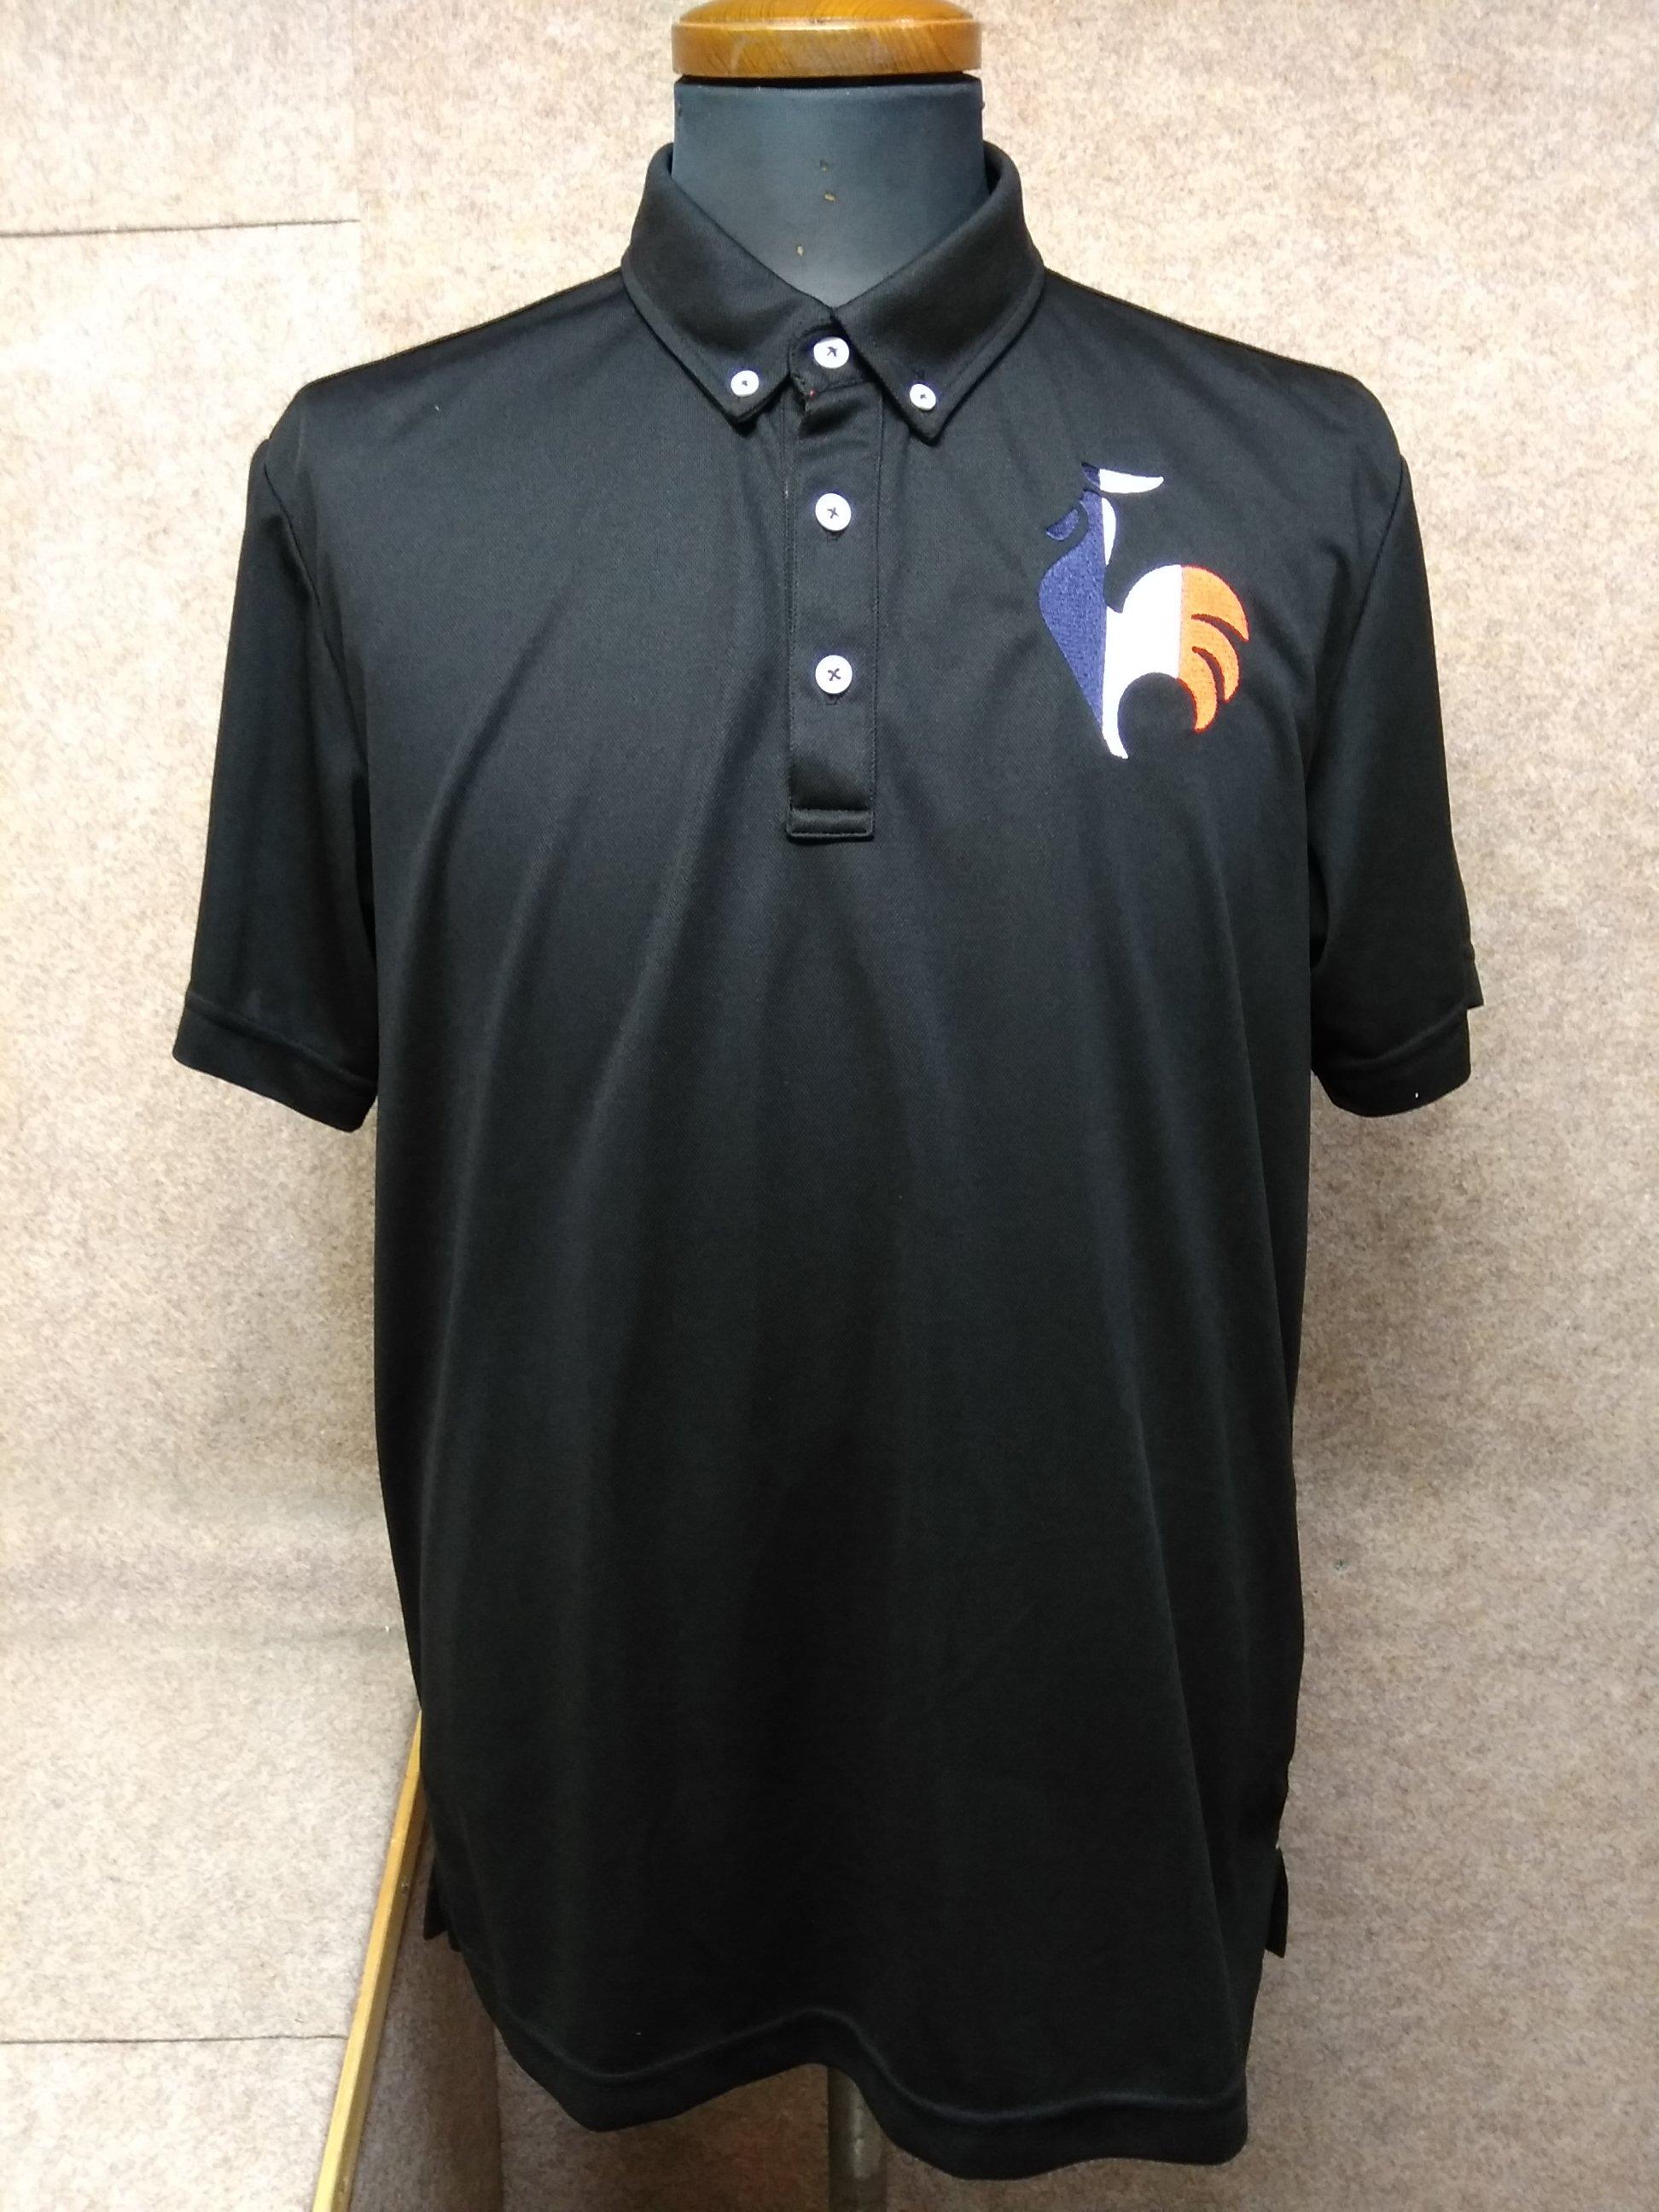 ルコック スポルティフ デサント社 ポロシャツ メンズO 黒 u1169a